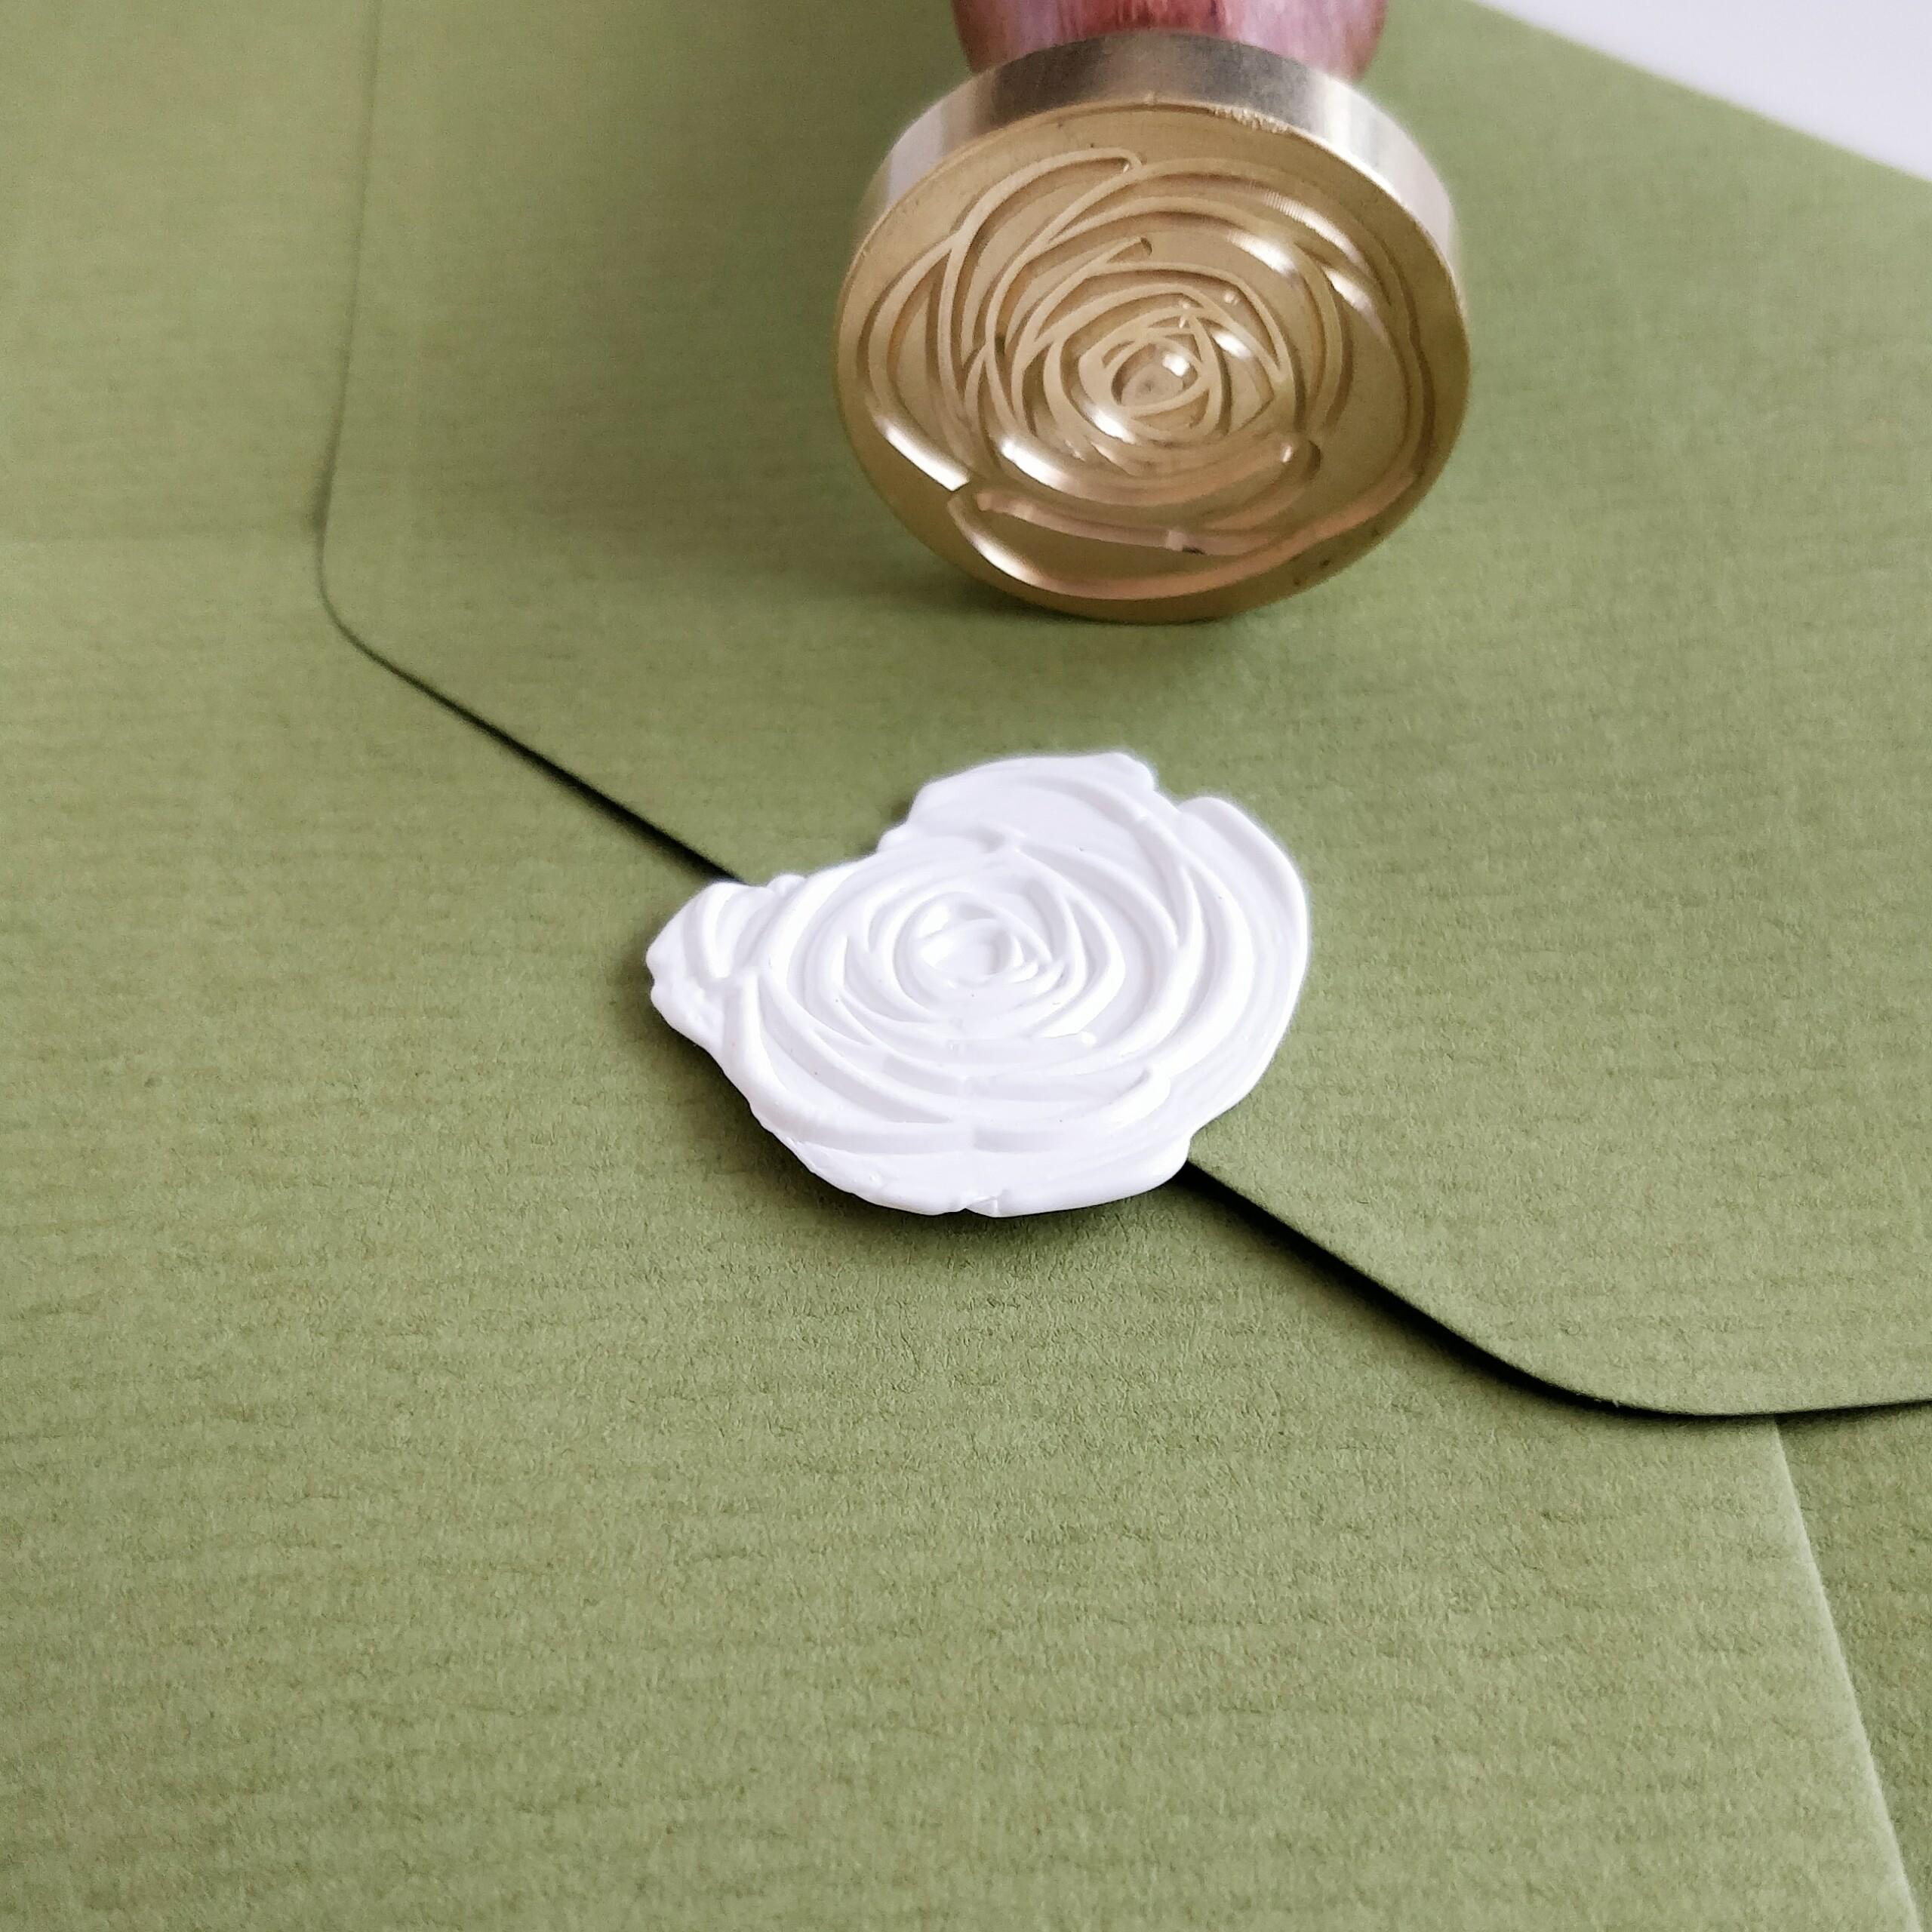 Papeterie, Einladung, Briefumschlag olive grün, Siegel, Siegelstempel, Rose